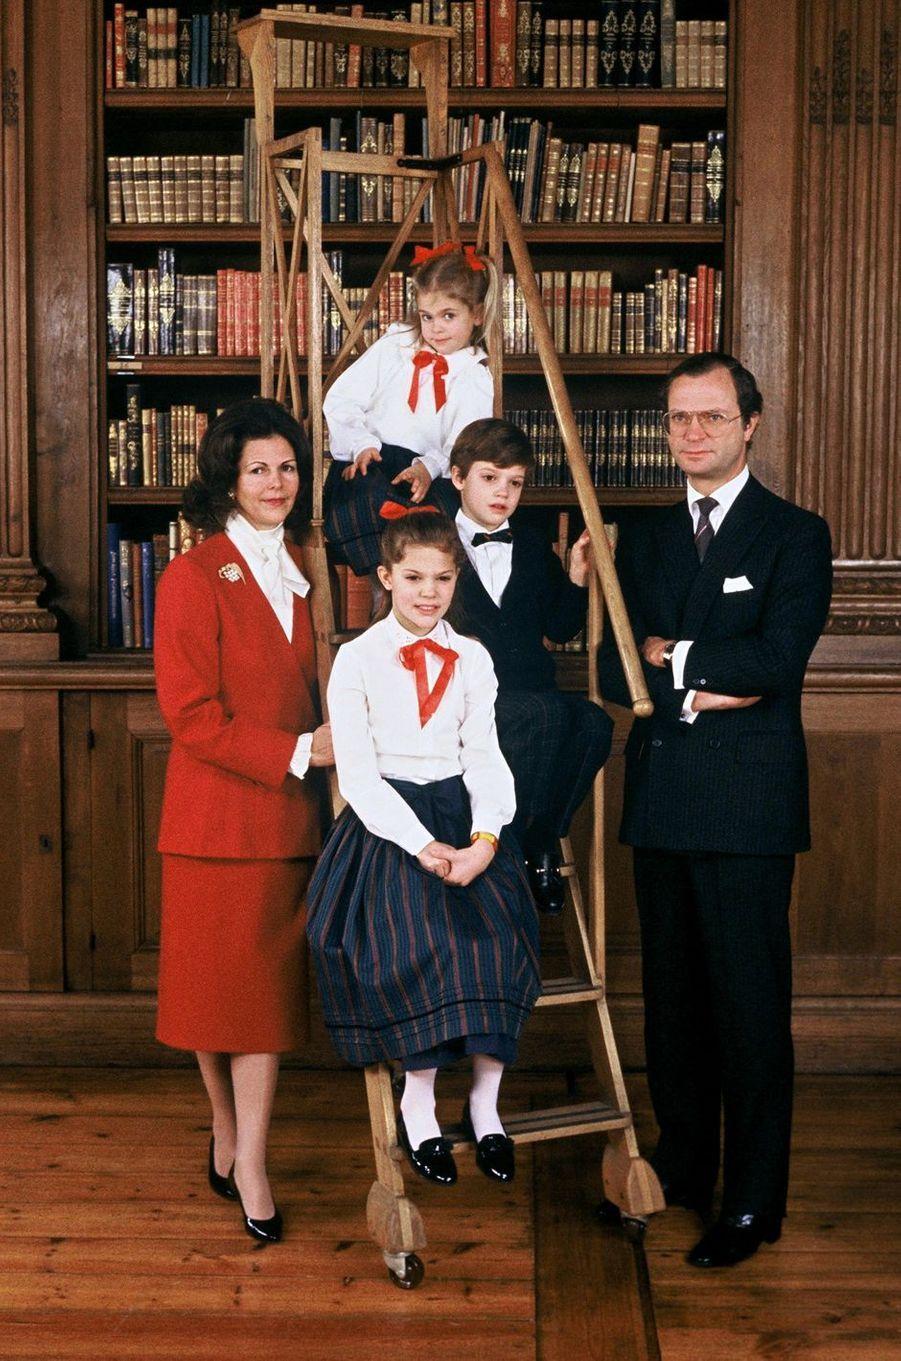 La reine Silvia de Suède avec le roi Carl XVI Gustaf et leurs trois enfants, le 6 juin 1988